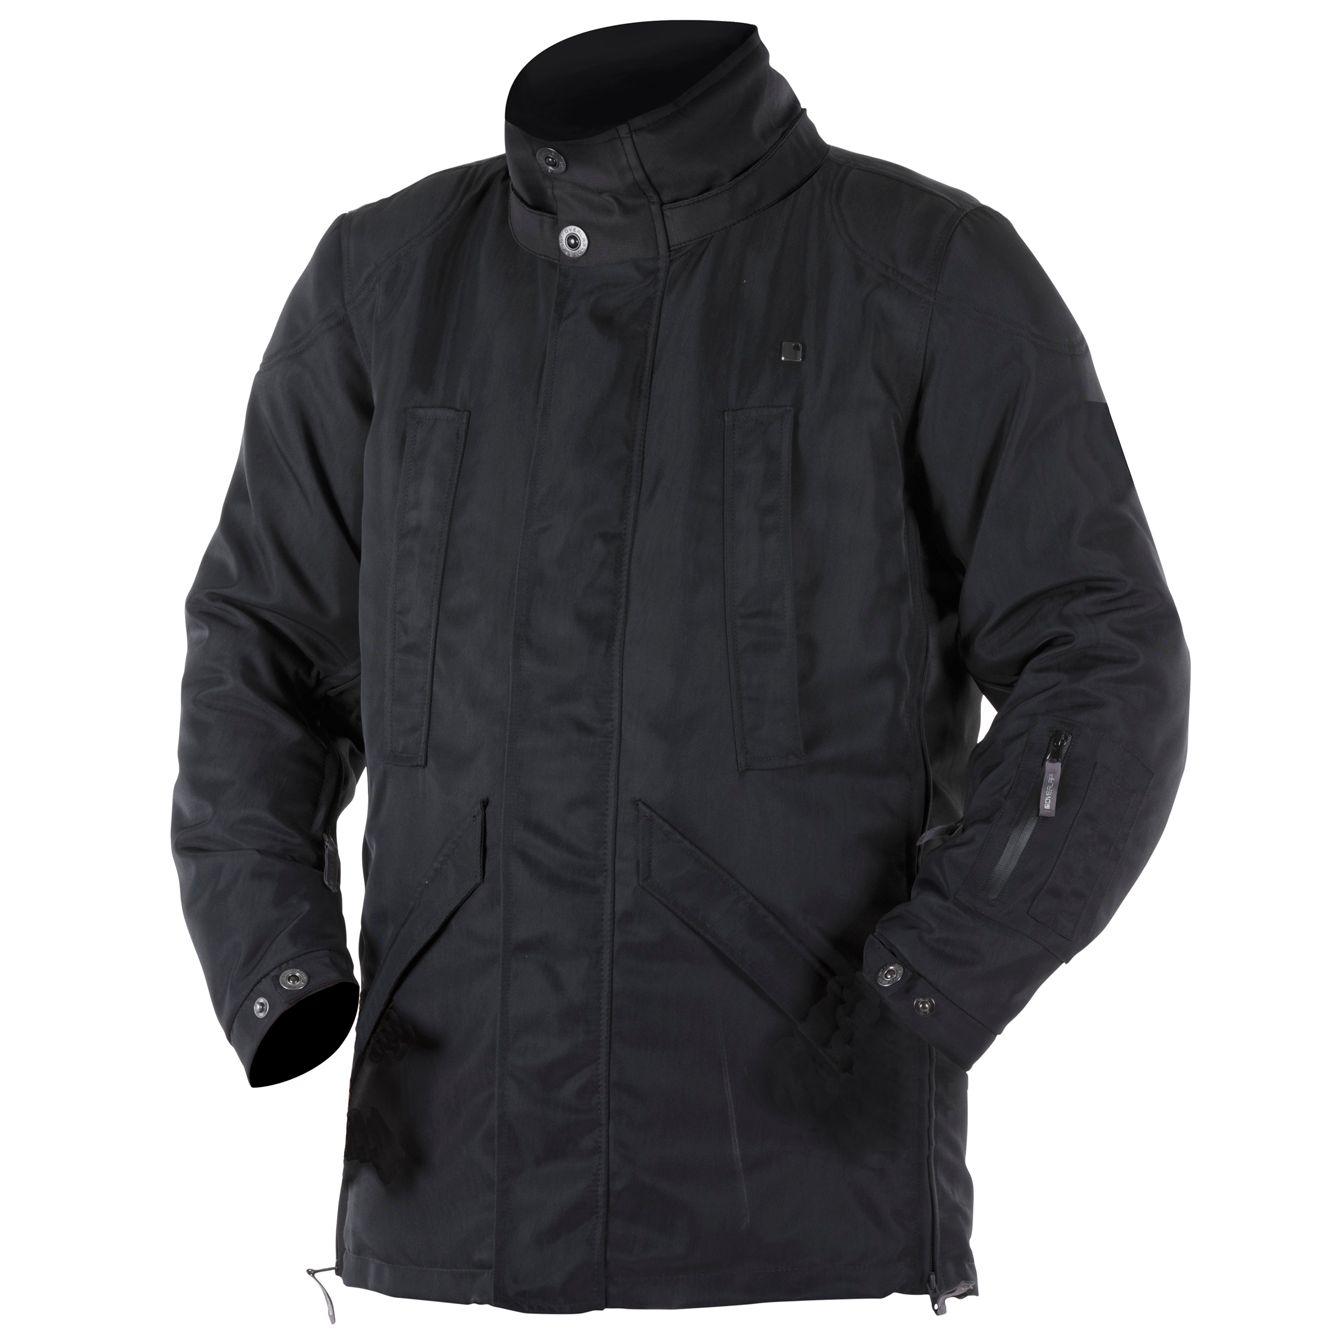 Compra chaquetas de estilo militar para los hombres online